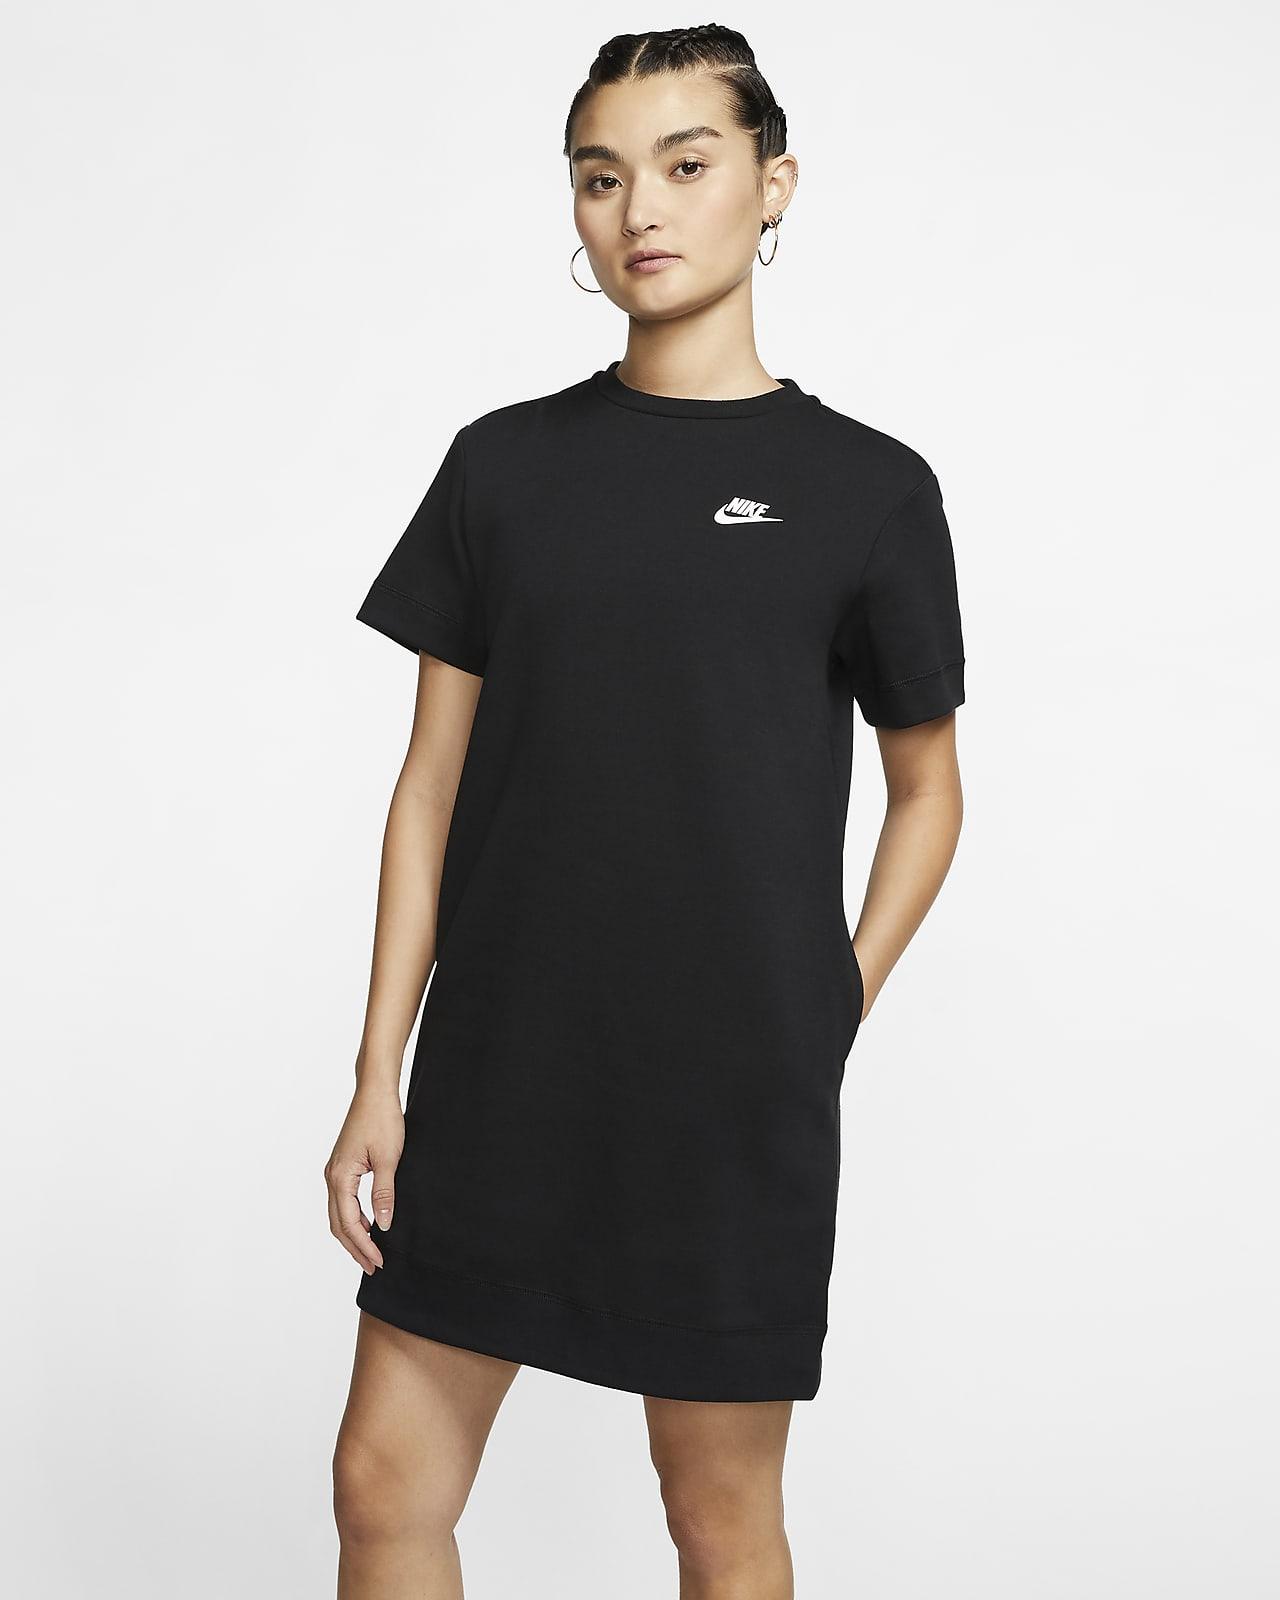 Nike Sportswear Tech Fleece Women's Dress